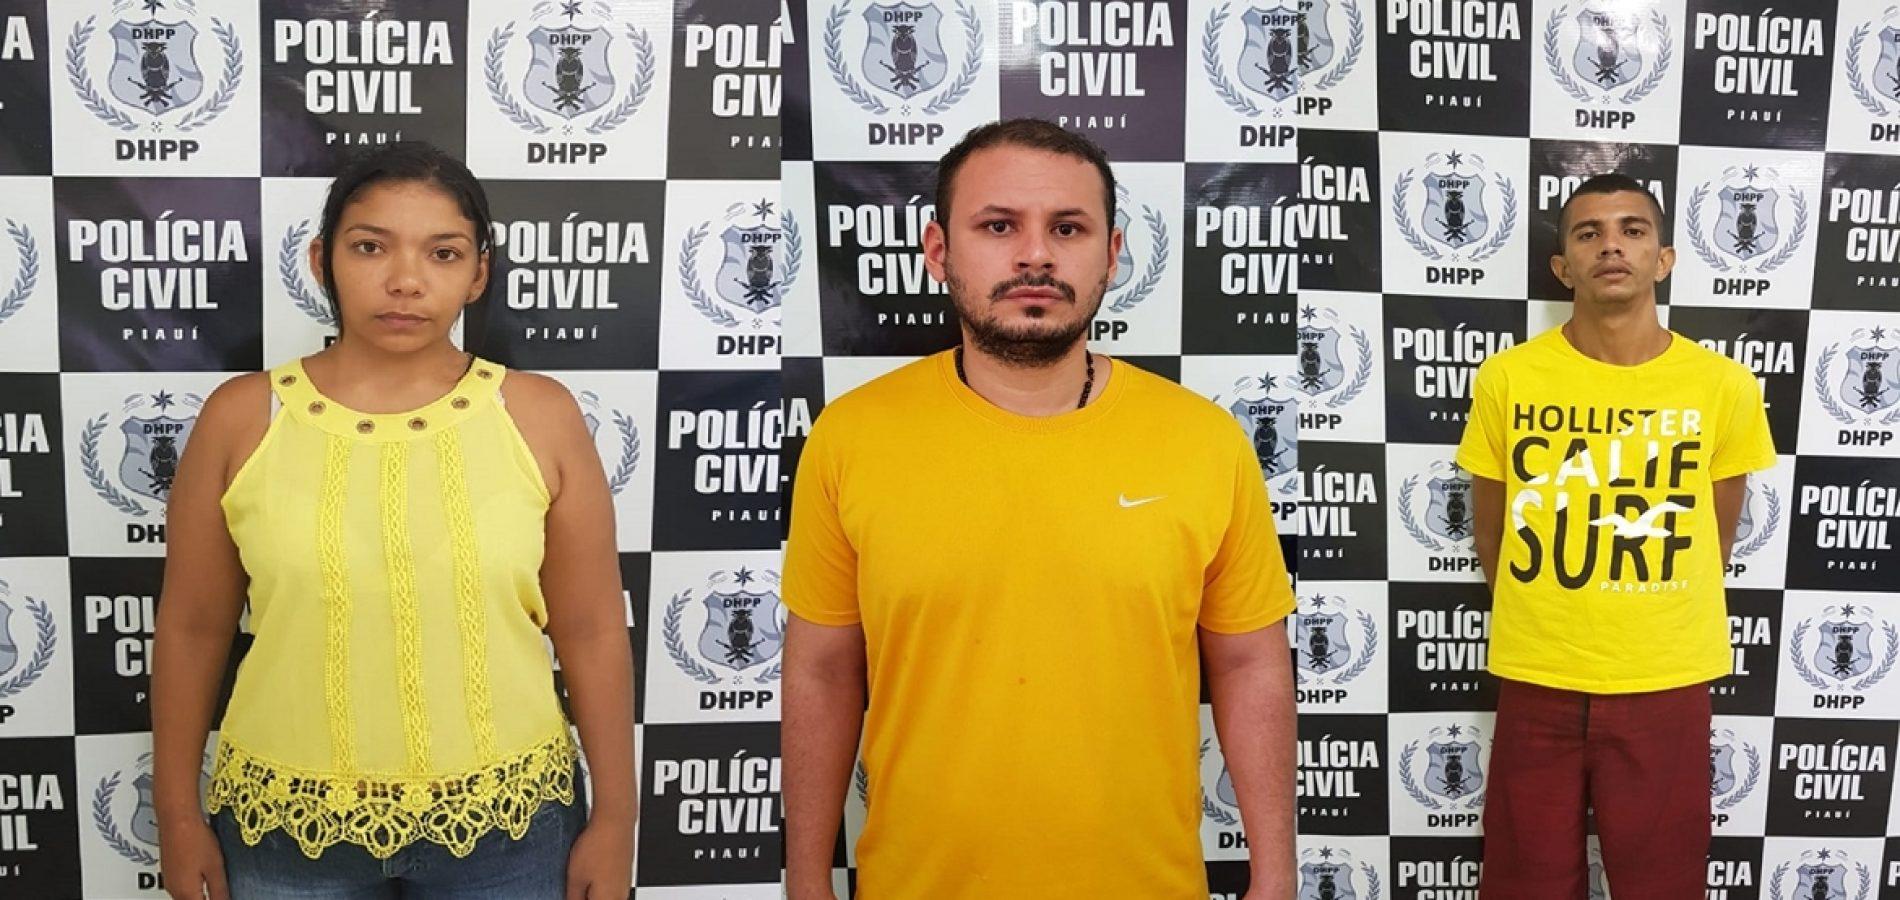 DHPP prende trio acusado de dois homicídios no Piauí